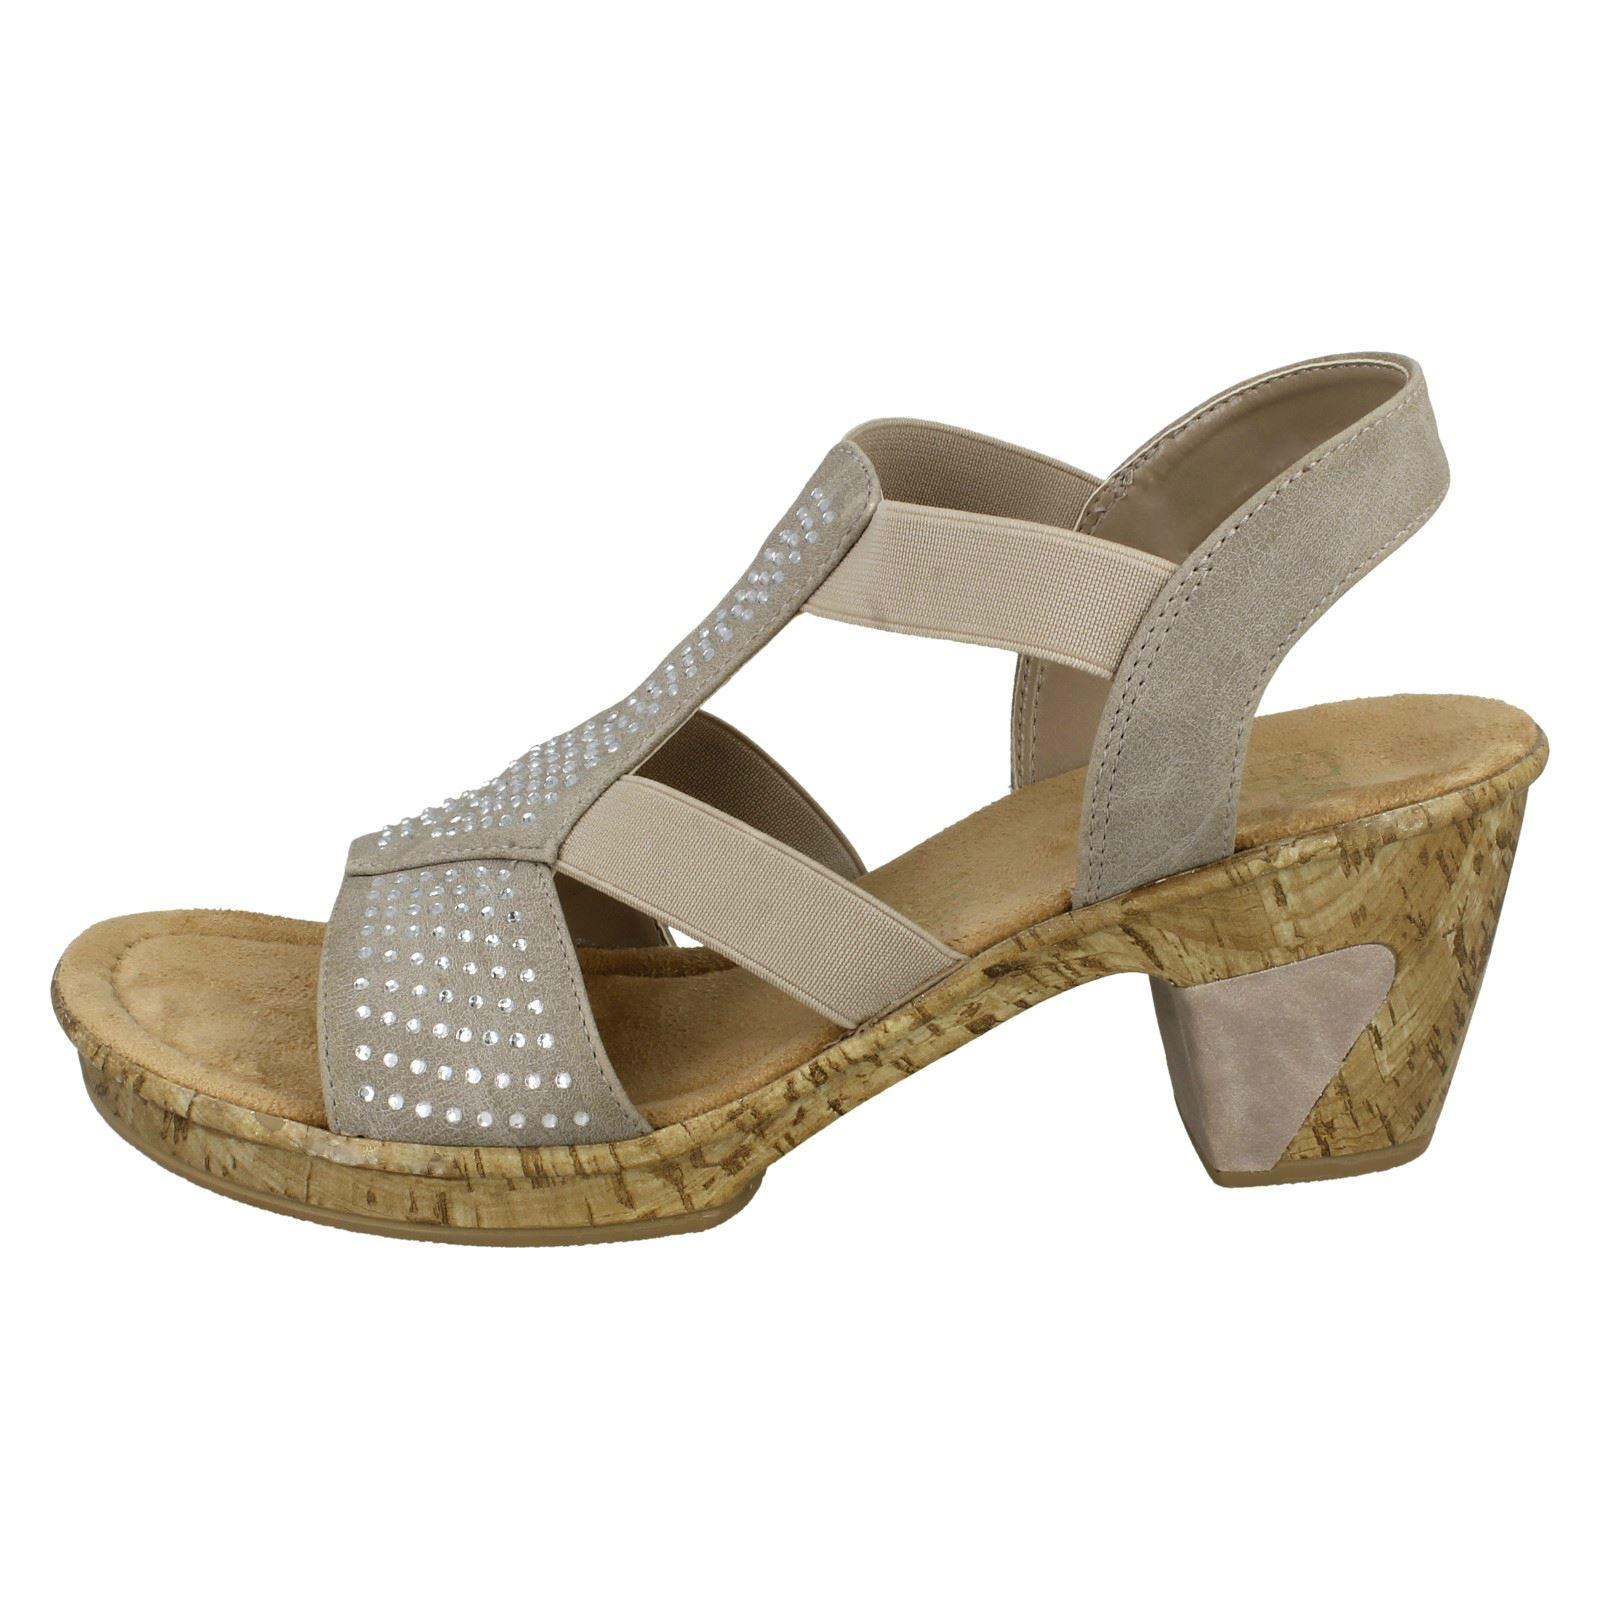 69732 Beige Diamate Rieker Sandals Ladies Heeled xUf4n58wPq